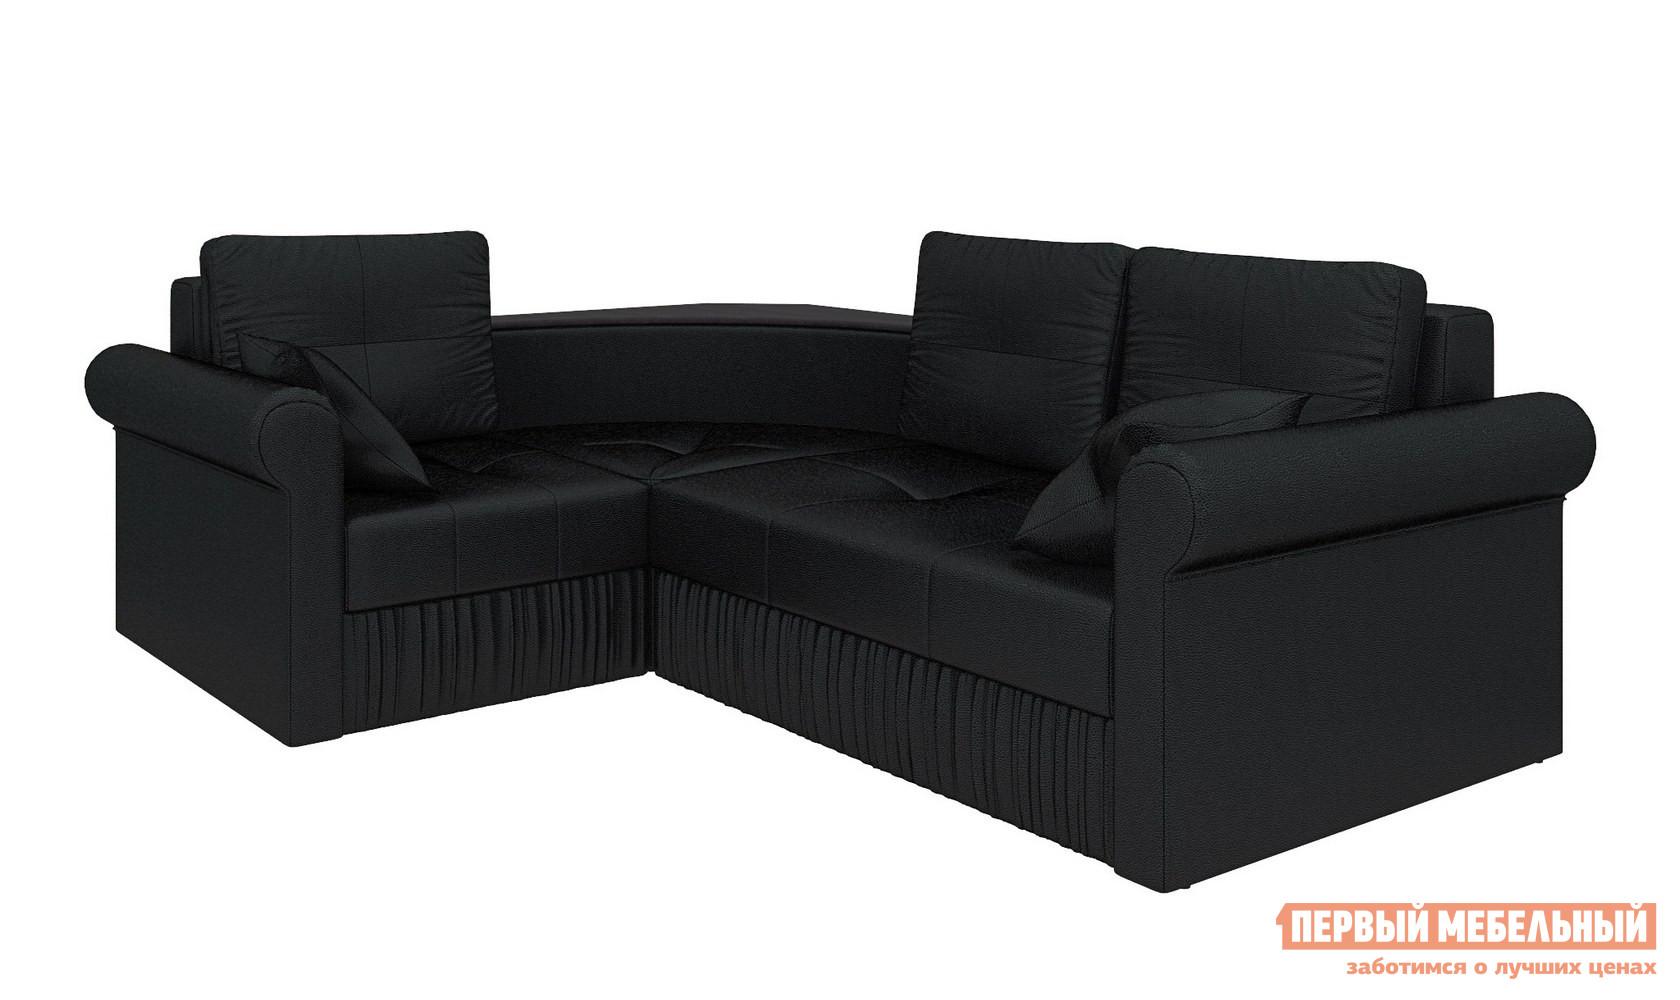 Угловой диван Мебелико Диван угловой Юта